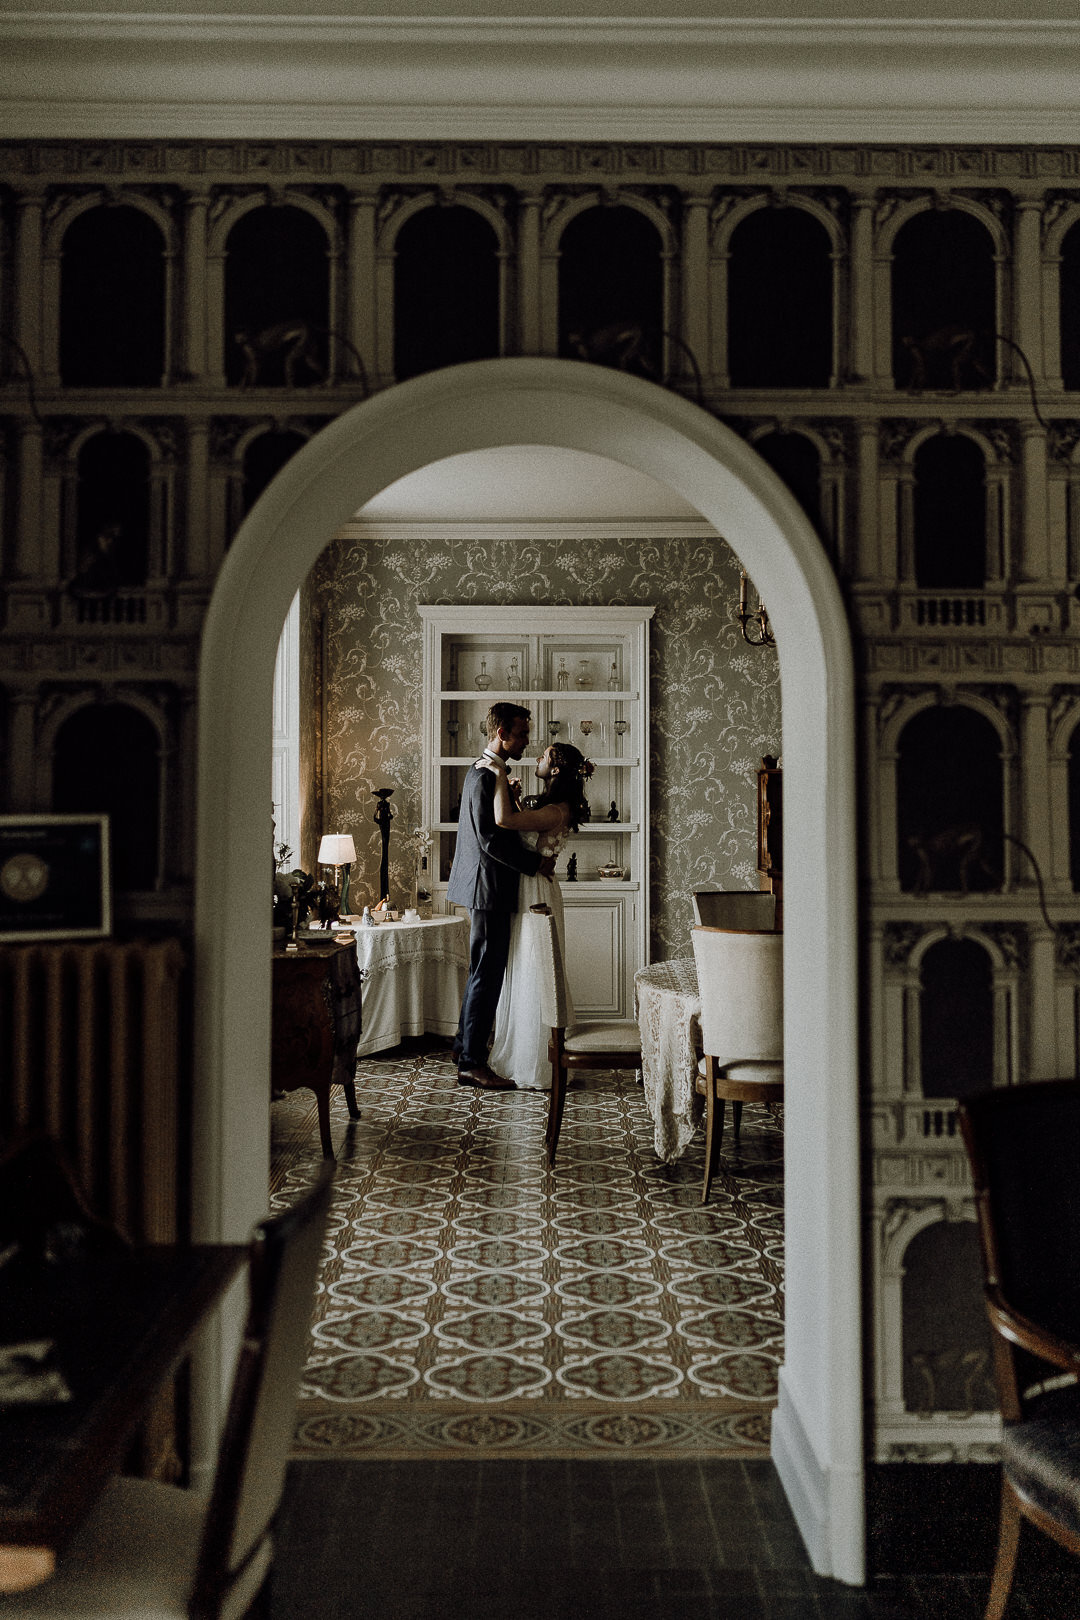 MV-chateau de lage-www.kewin-connin-jackson.fr-09307.jpg